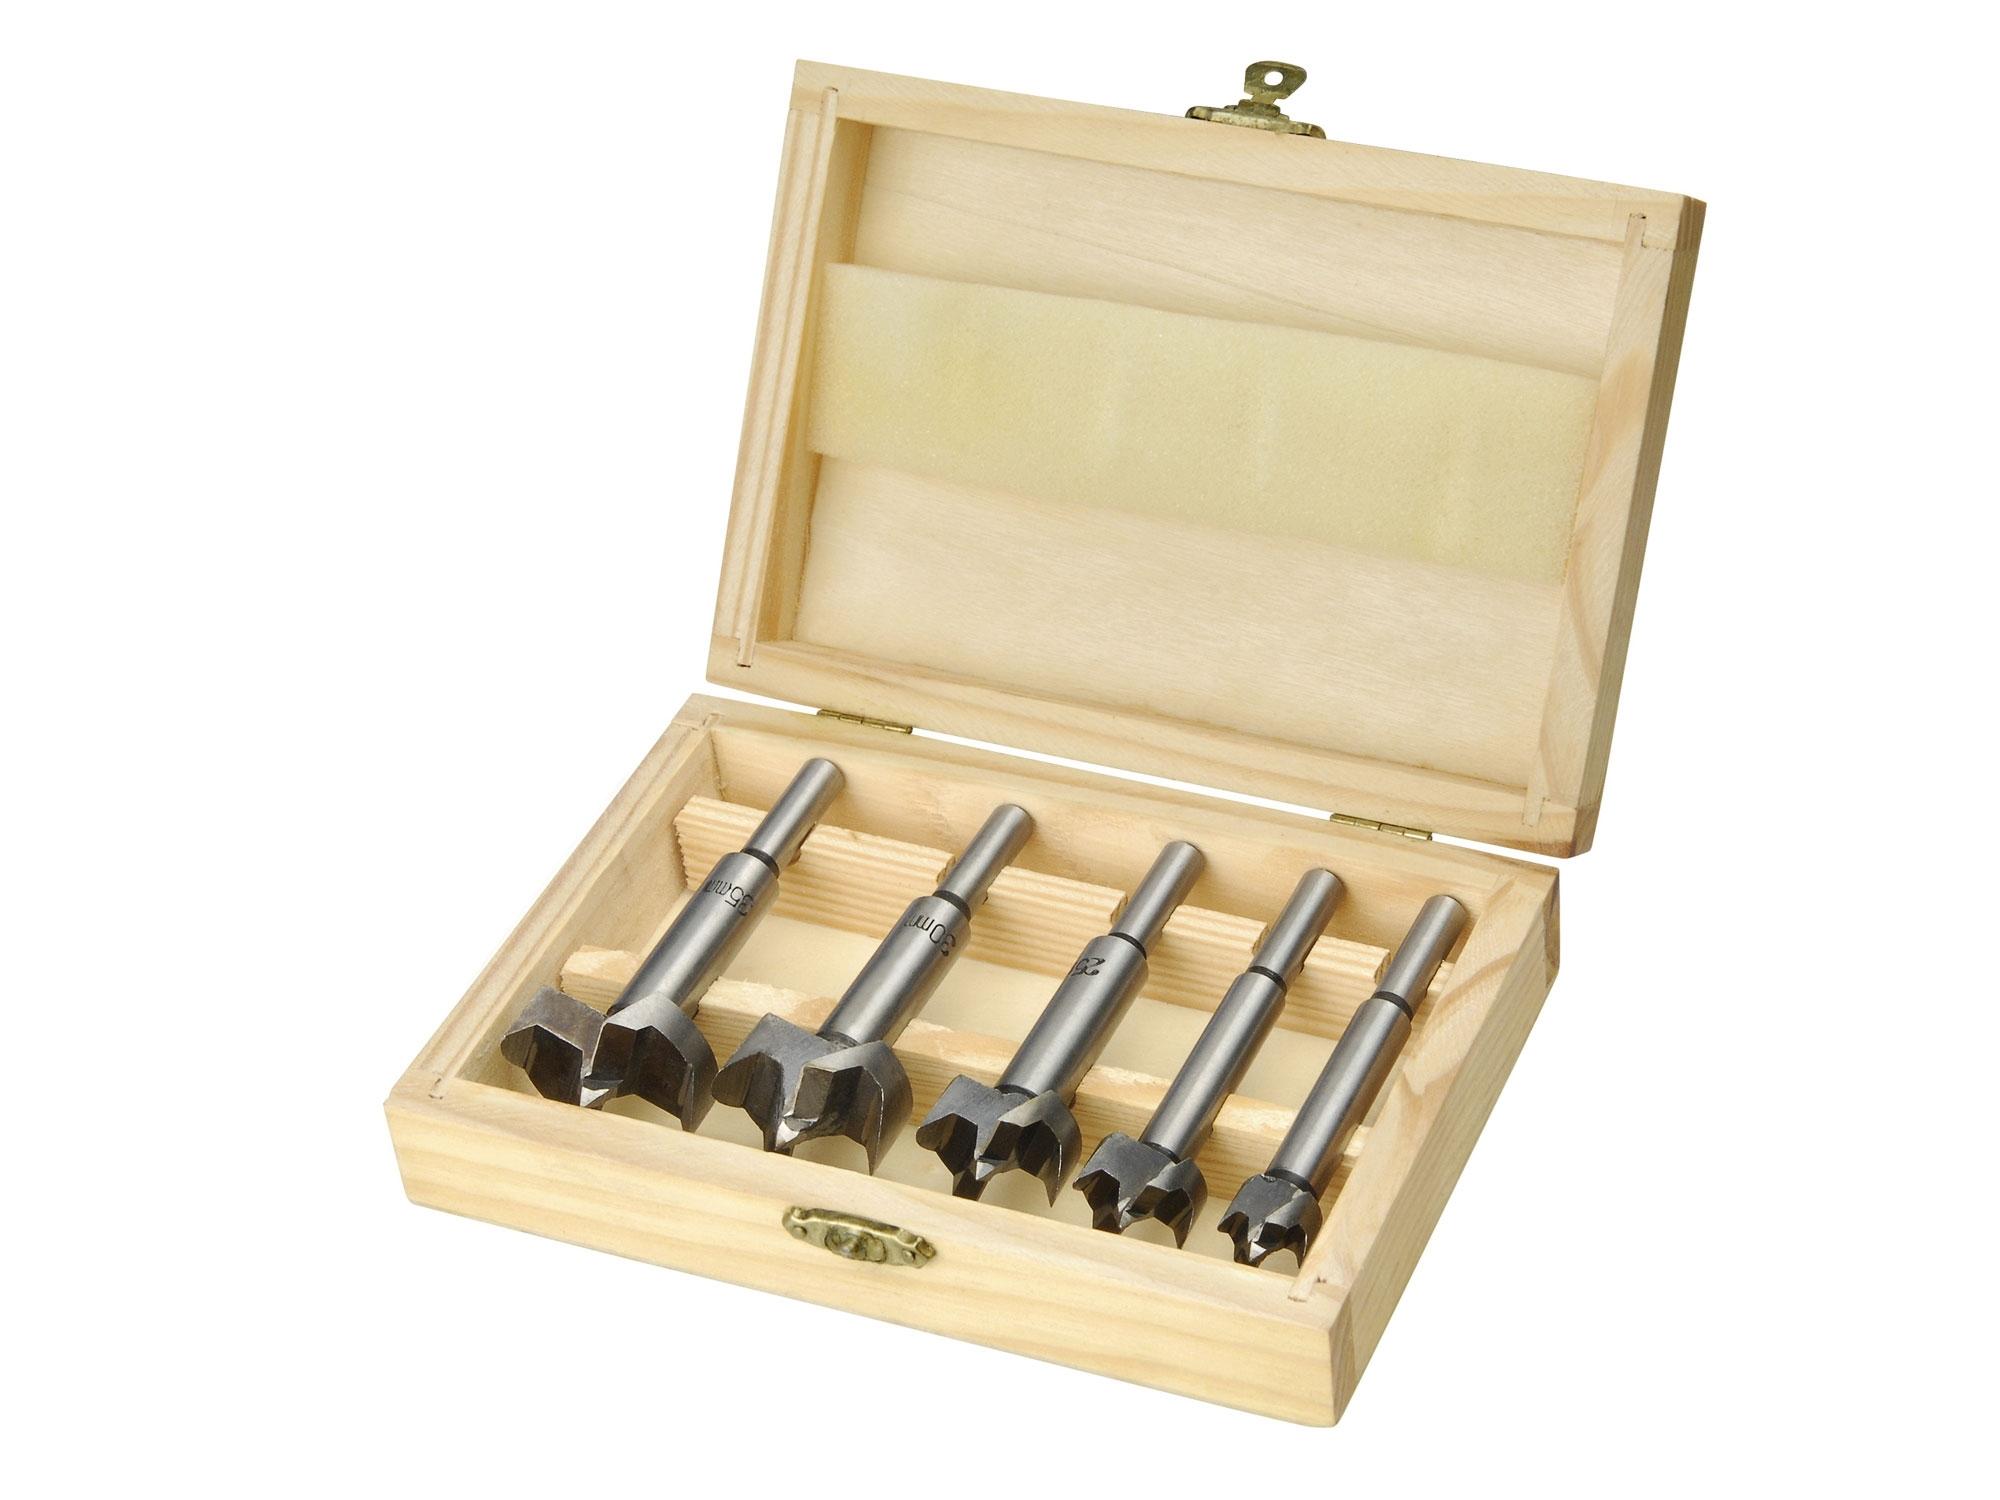 frézy-sukovníky, do dřeva, sada 5ks, ?15-20-25-30-35mm, stopka 8mm, v dřevěné kazetě, EXTOL CRAFT 44015